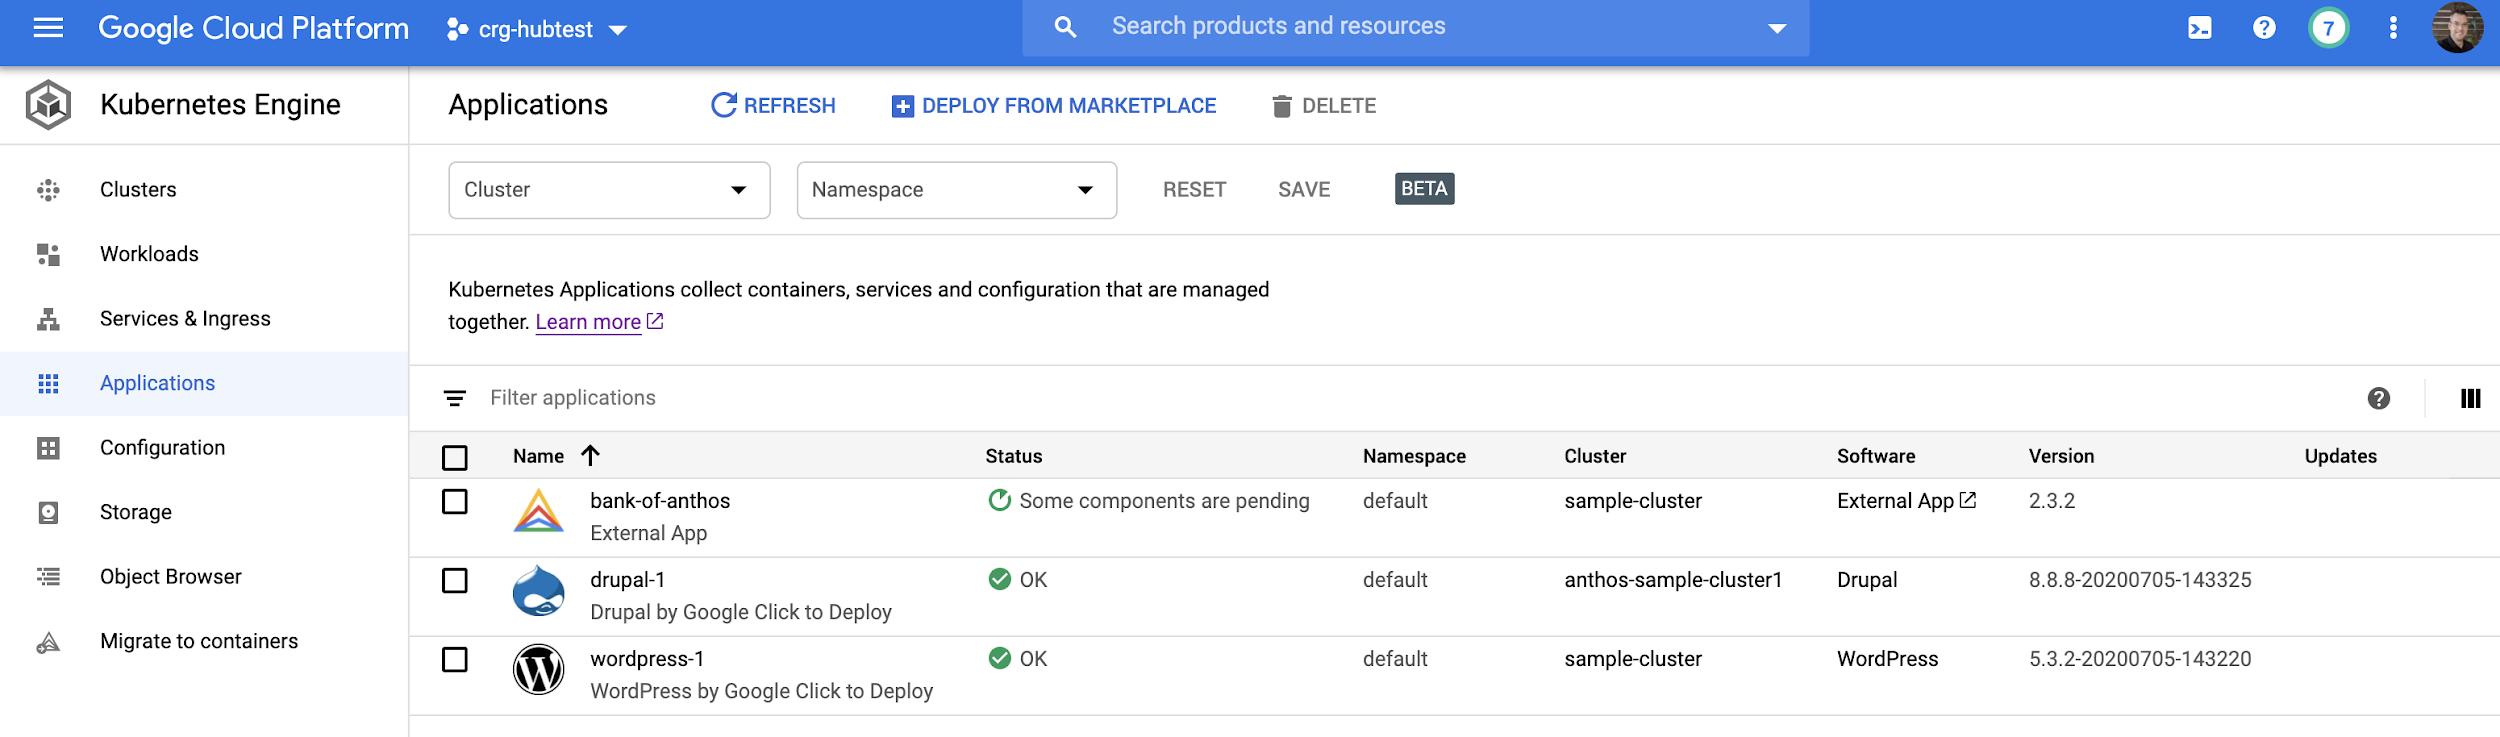 """""""应用""""页面的部分视图,其中显示了应用及其各种属性的列表。"""